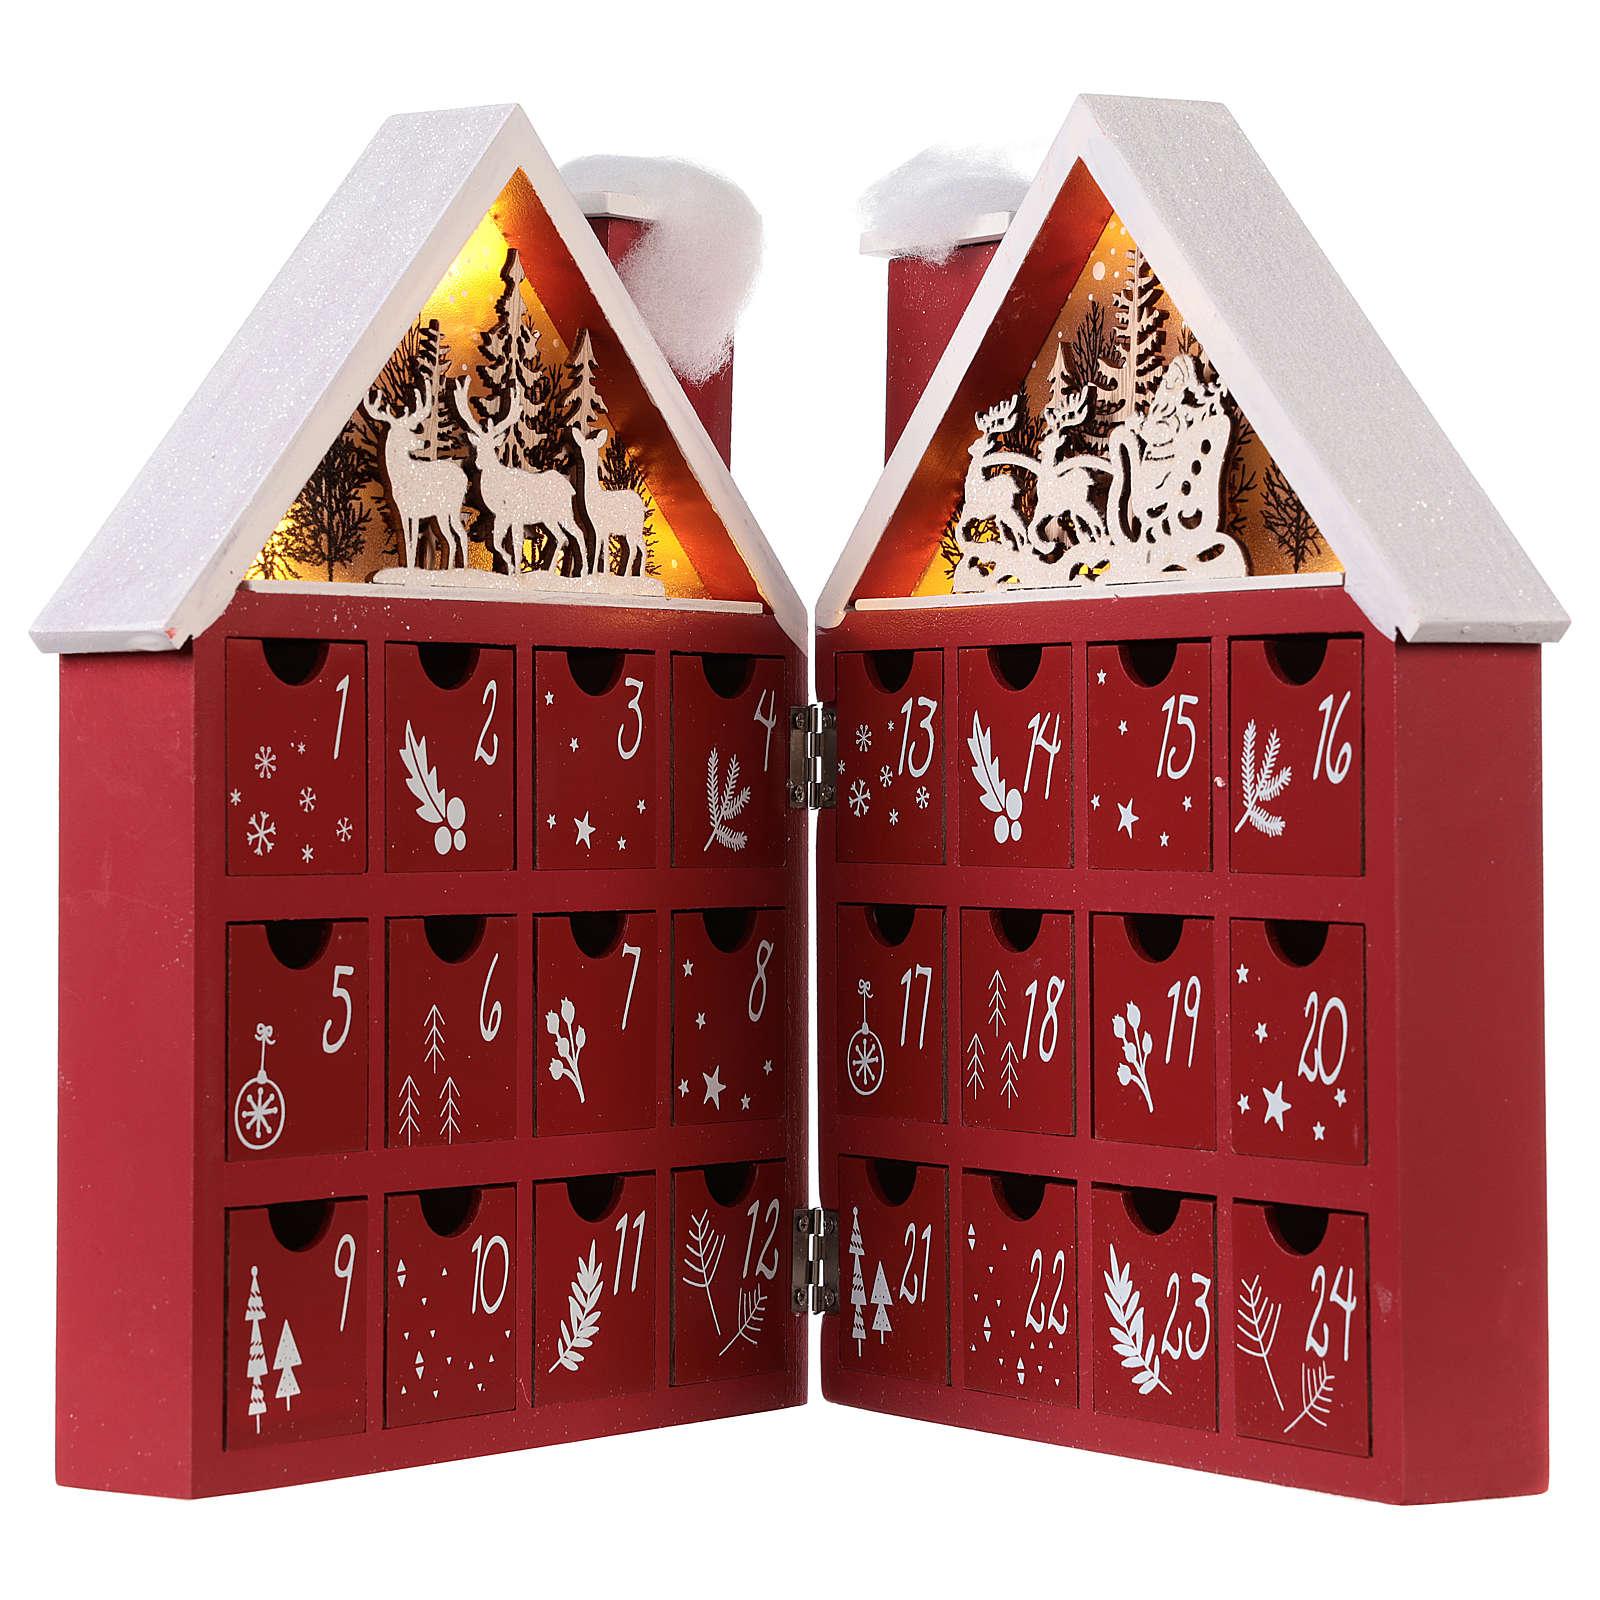 Calendario de Adviento de madera forma cajita con luces 30x40x5 cm 3